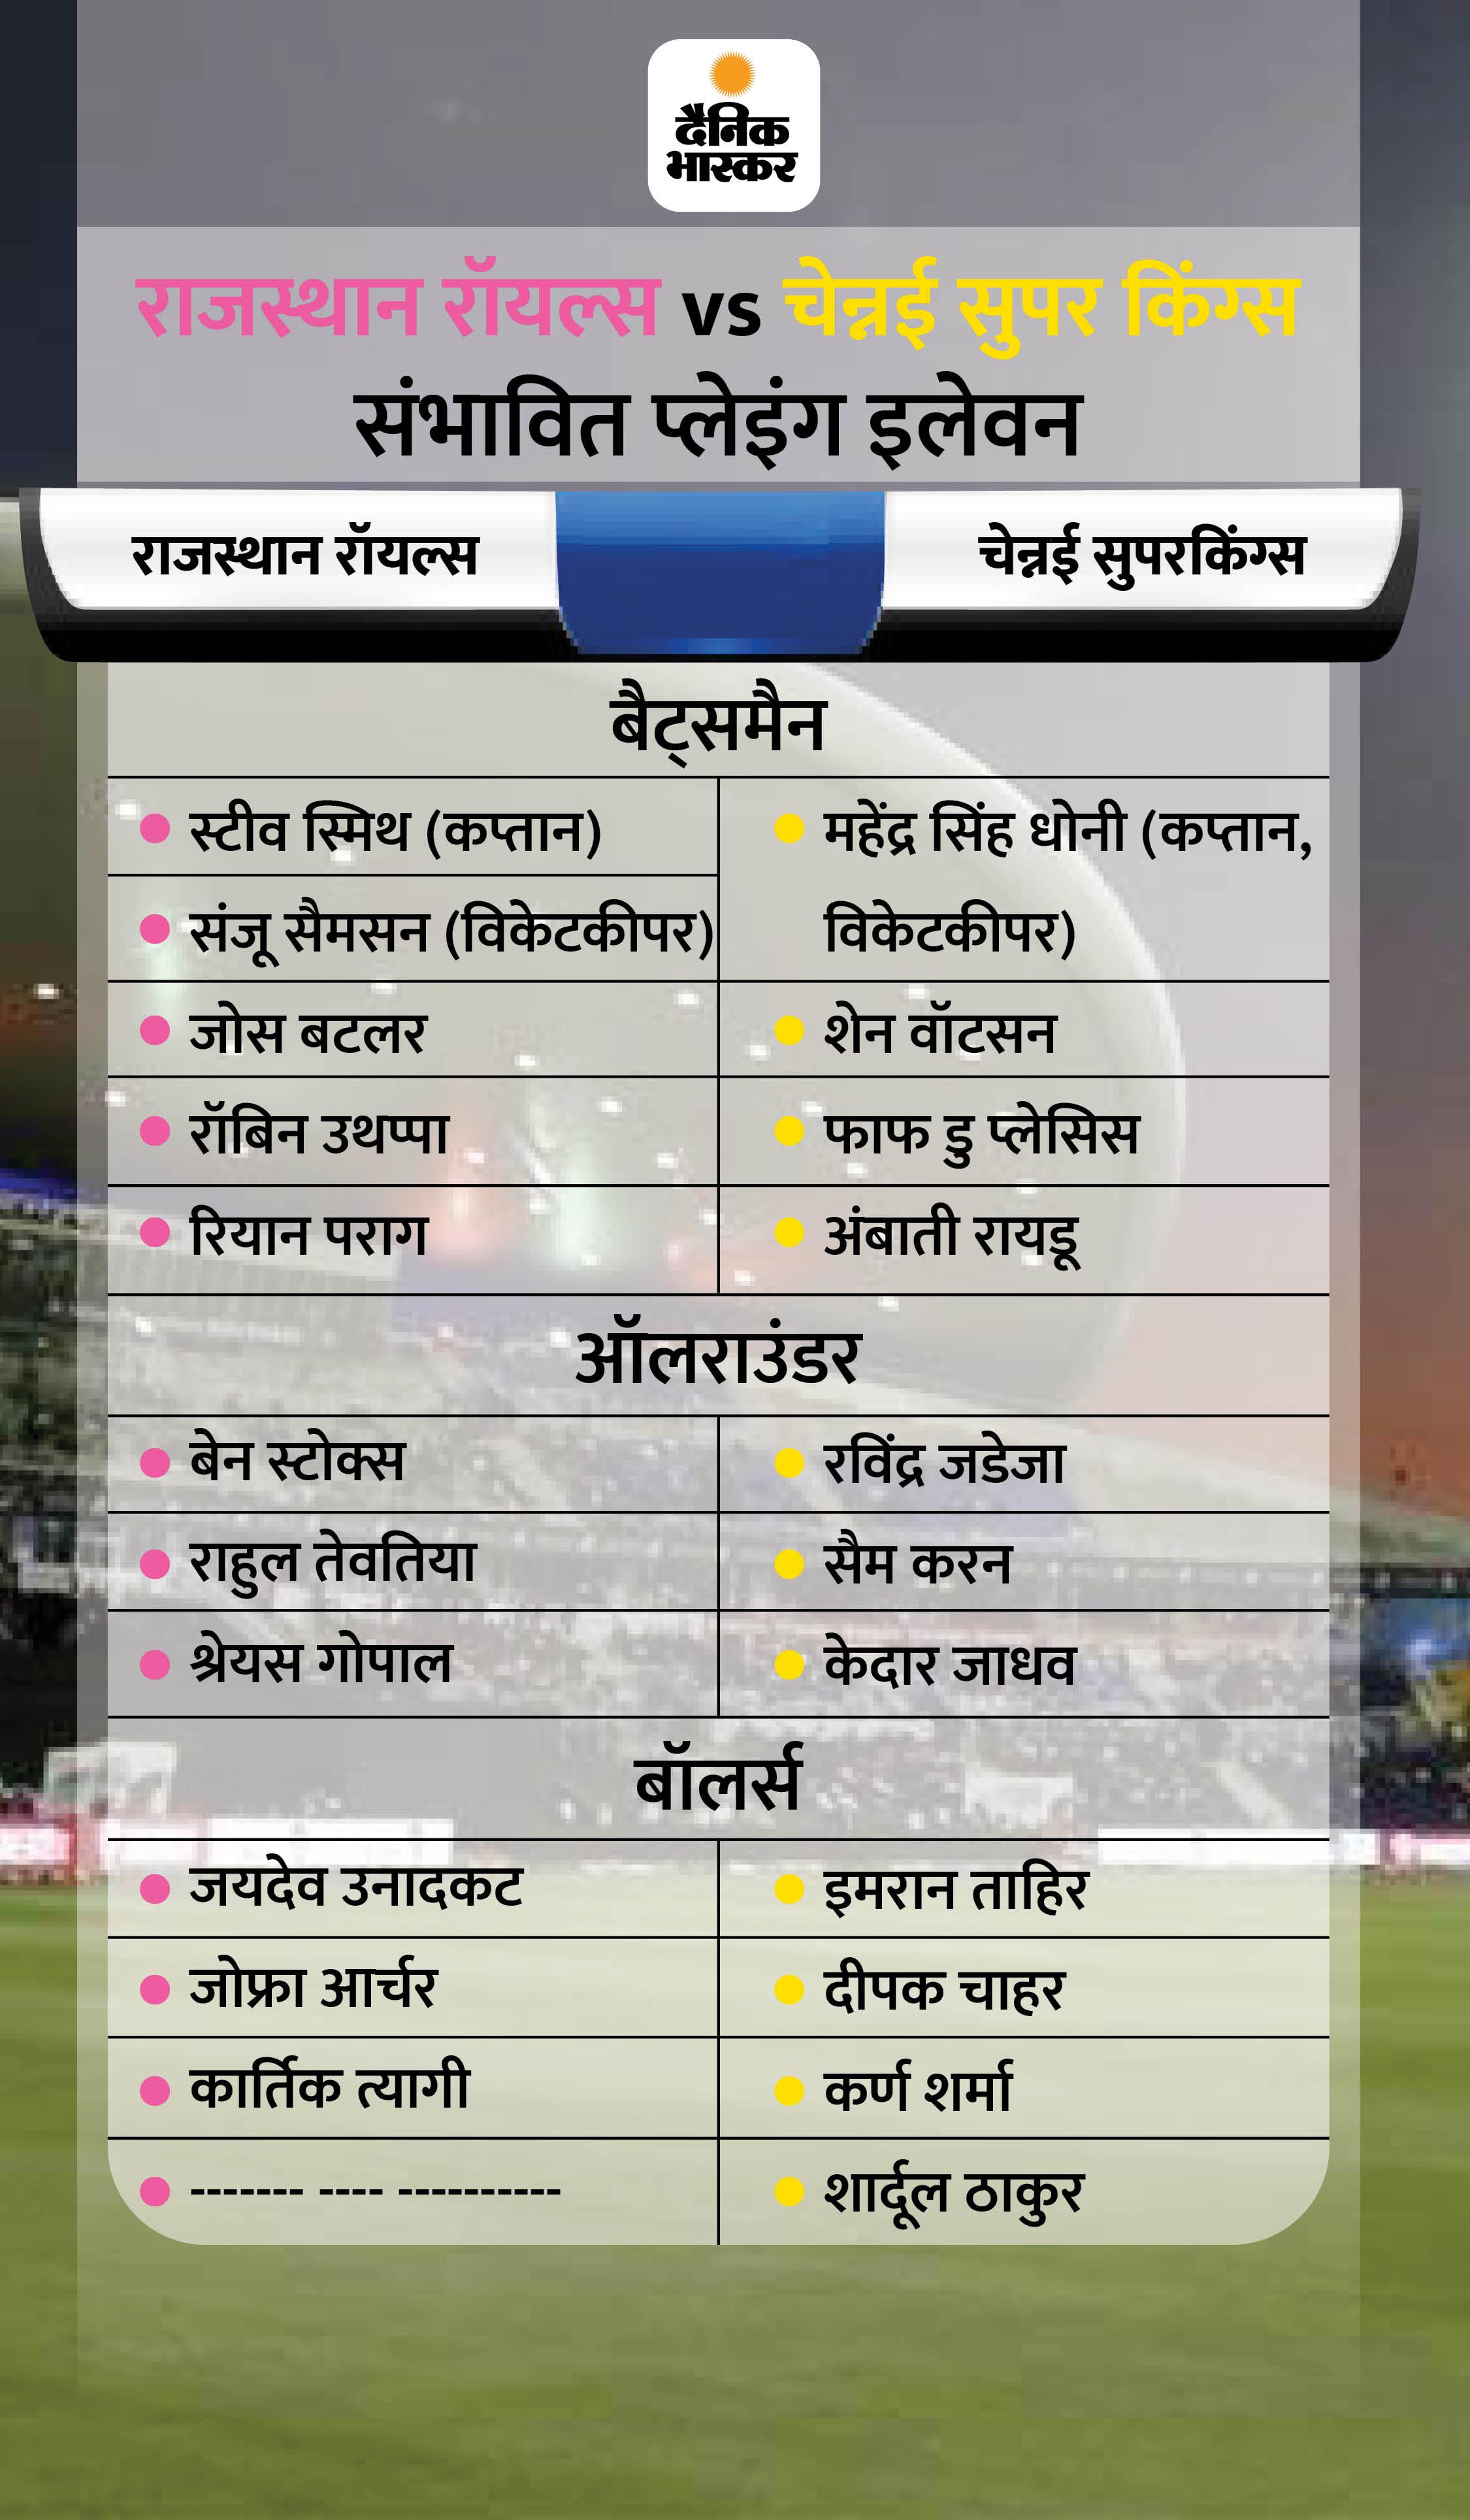 टूर्नामेंट में बने रहने के लिए दोनों टीमों को चाहिए जीत, पॉइंट्स टेबल में दोनों फिलहाल बॉटम-2 में; लीग में धोनी का 200वां मैच